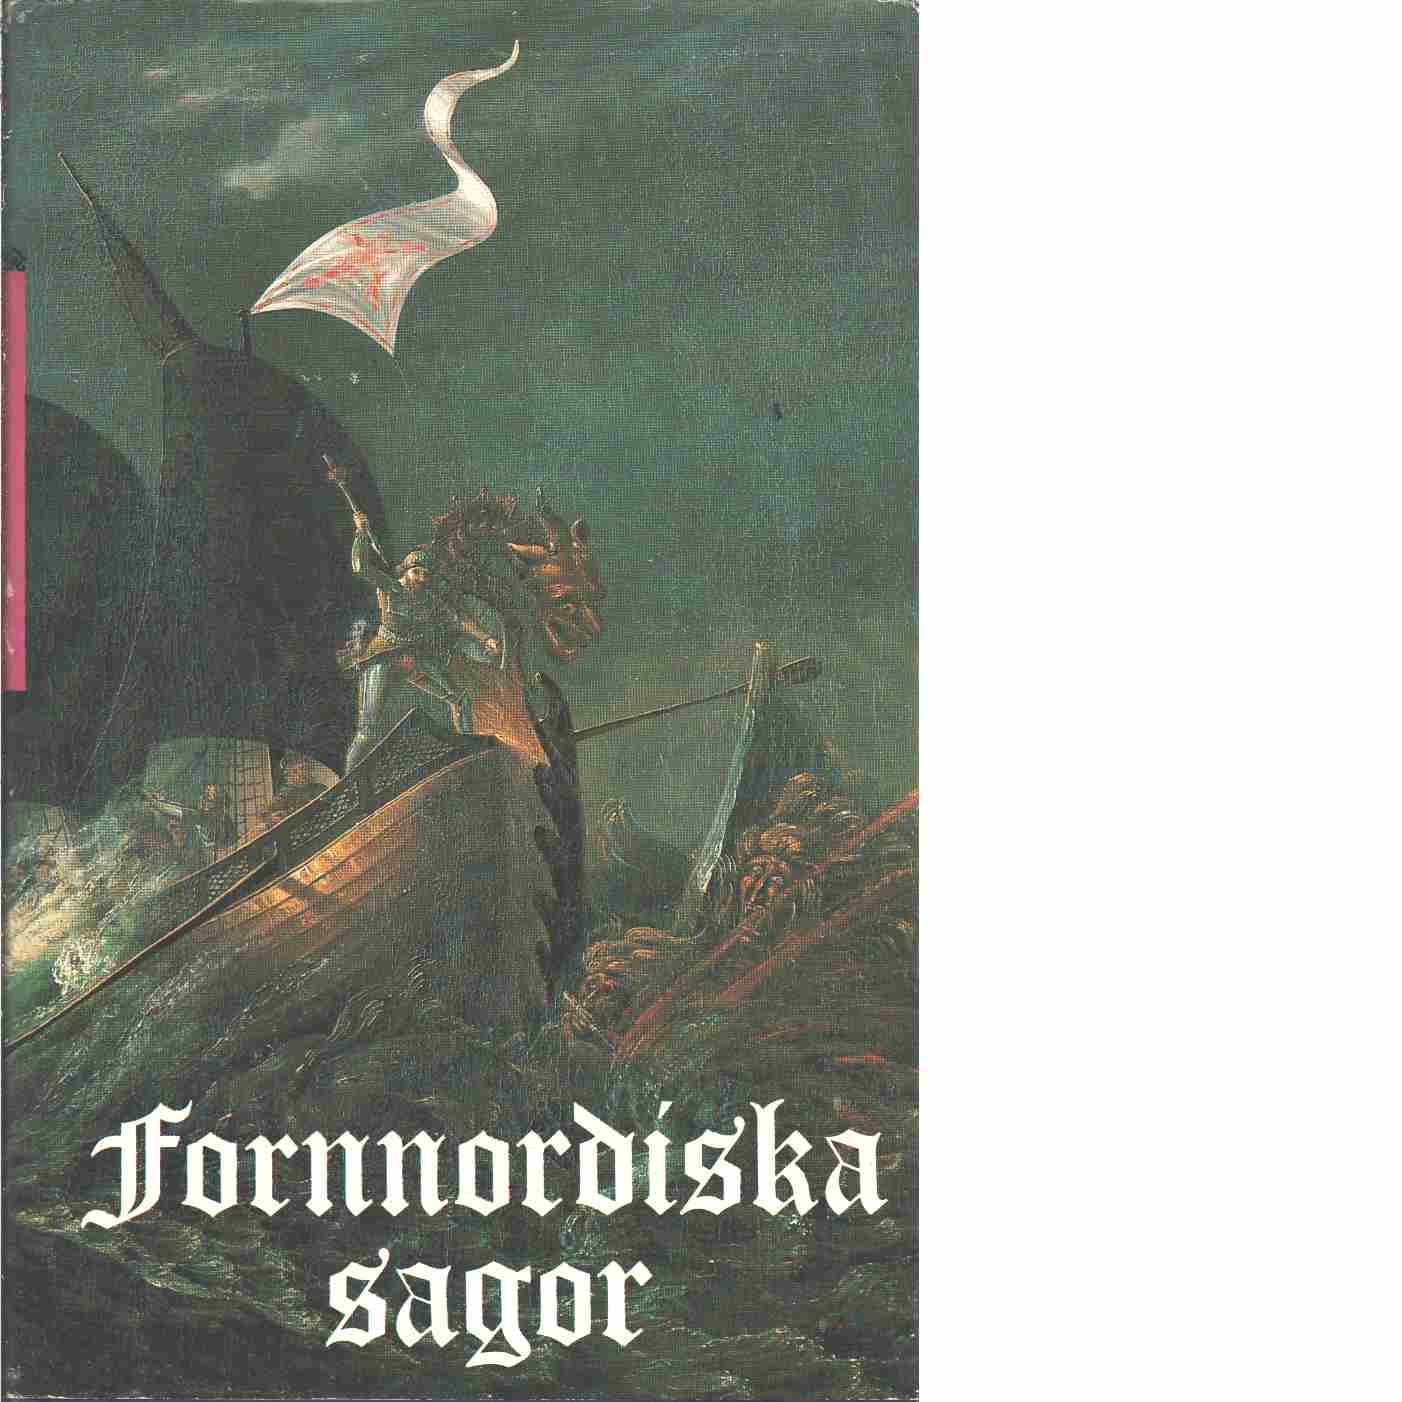 Fornnordiska sagor - Red.